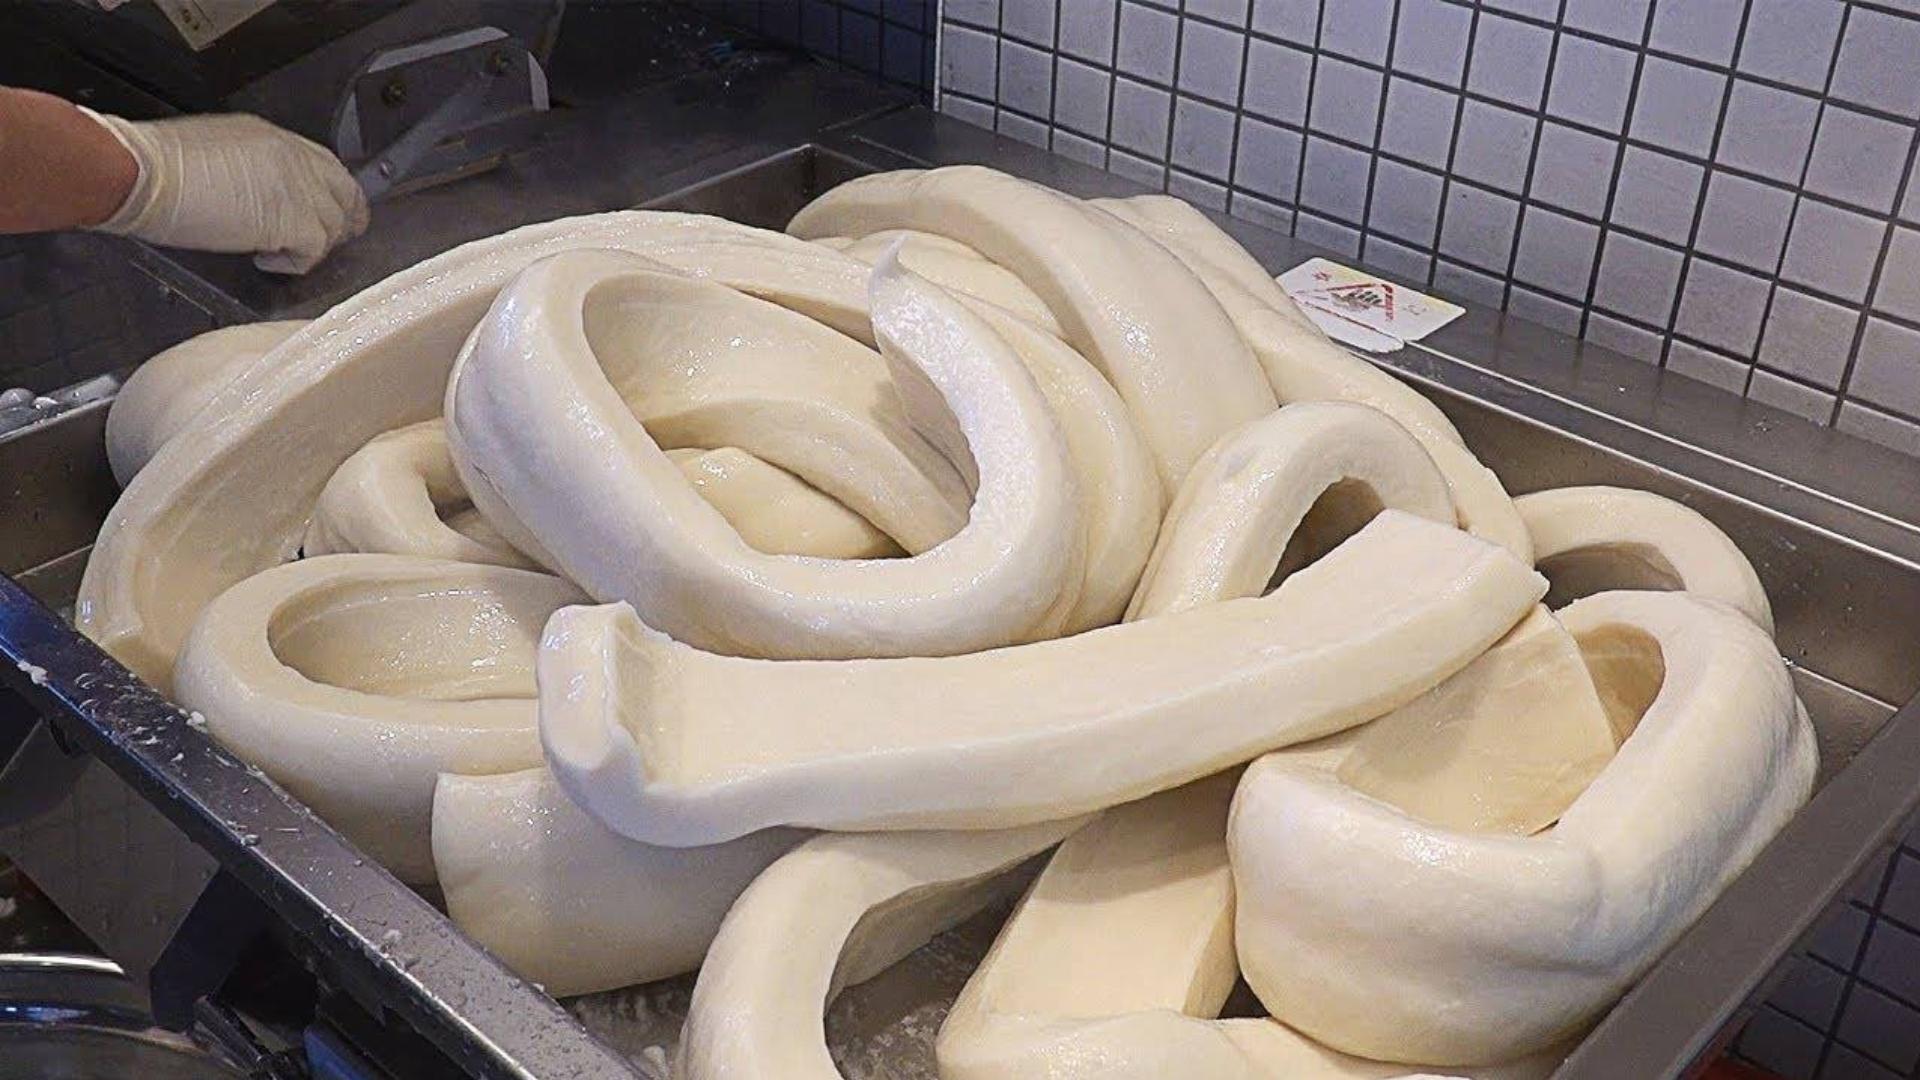 原来我们平时吃的年糕是这样制作和加工的 , 韩国自制辣年糕全过程 !